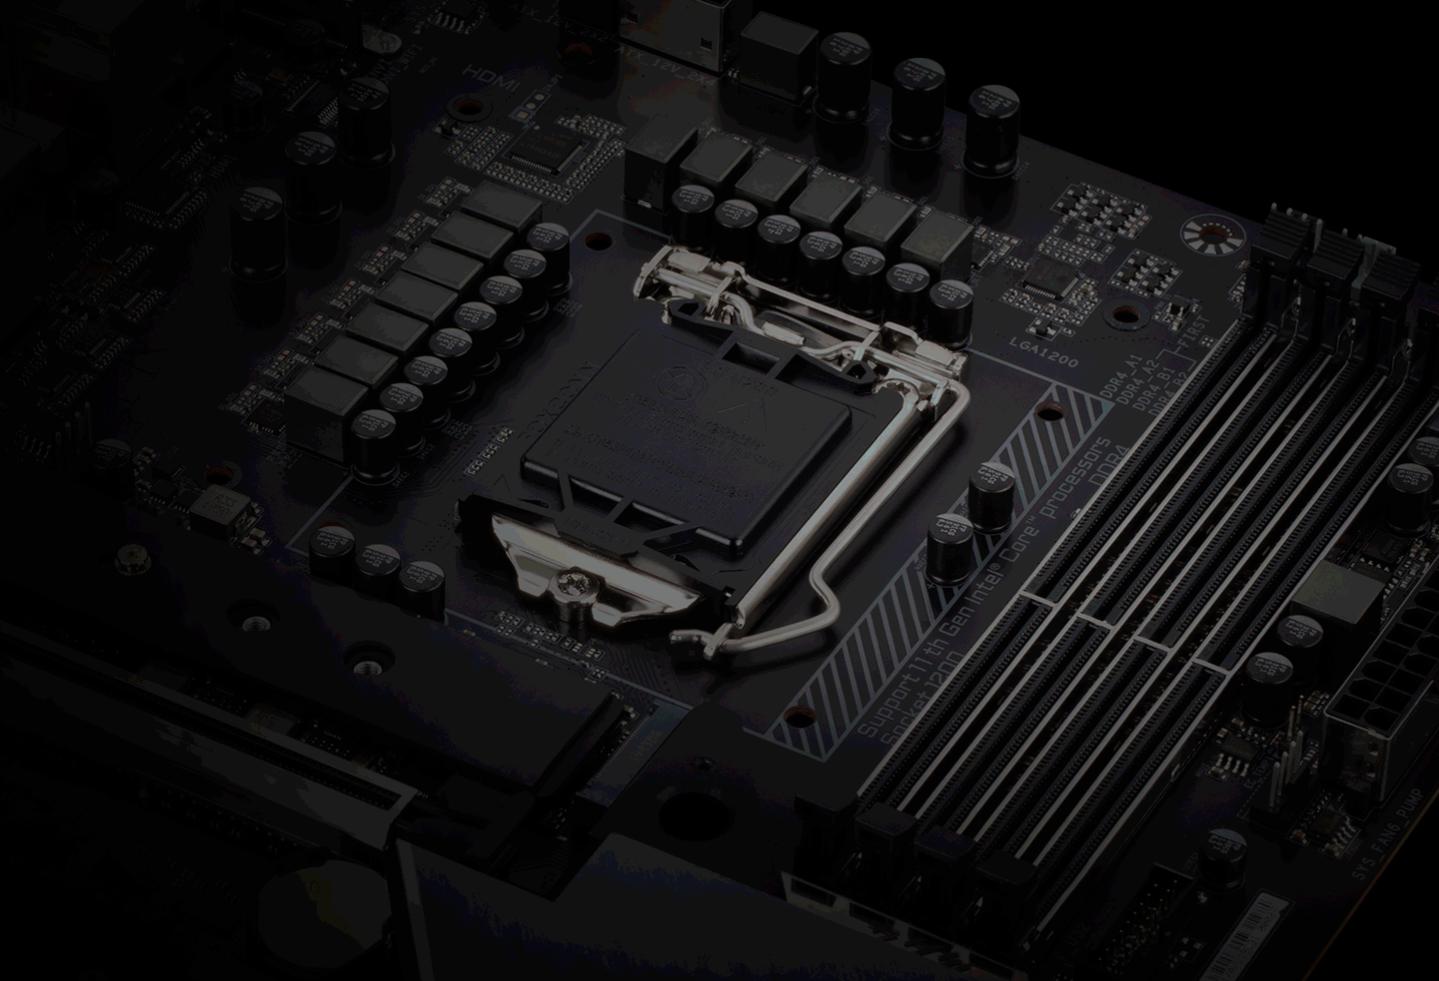 Intel Akan Mengungkap 11th Gen Rocket Lake Desktop CPUs & Z590 Platform di CES 2021, Penjualan Z590 Boards Dimulai pada 11 Januari, CPU pada Maret